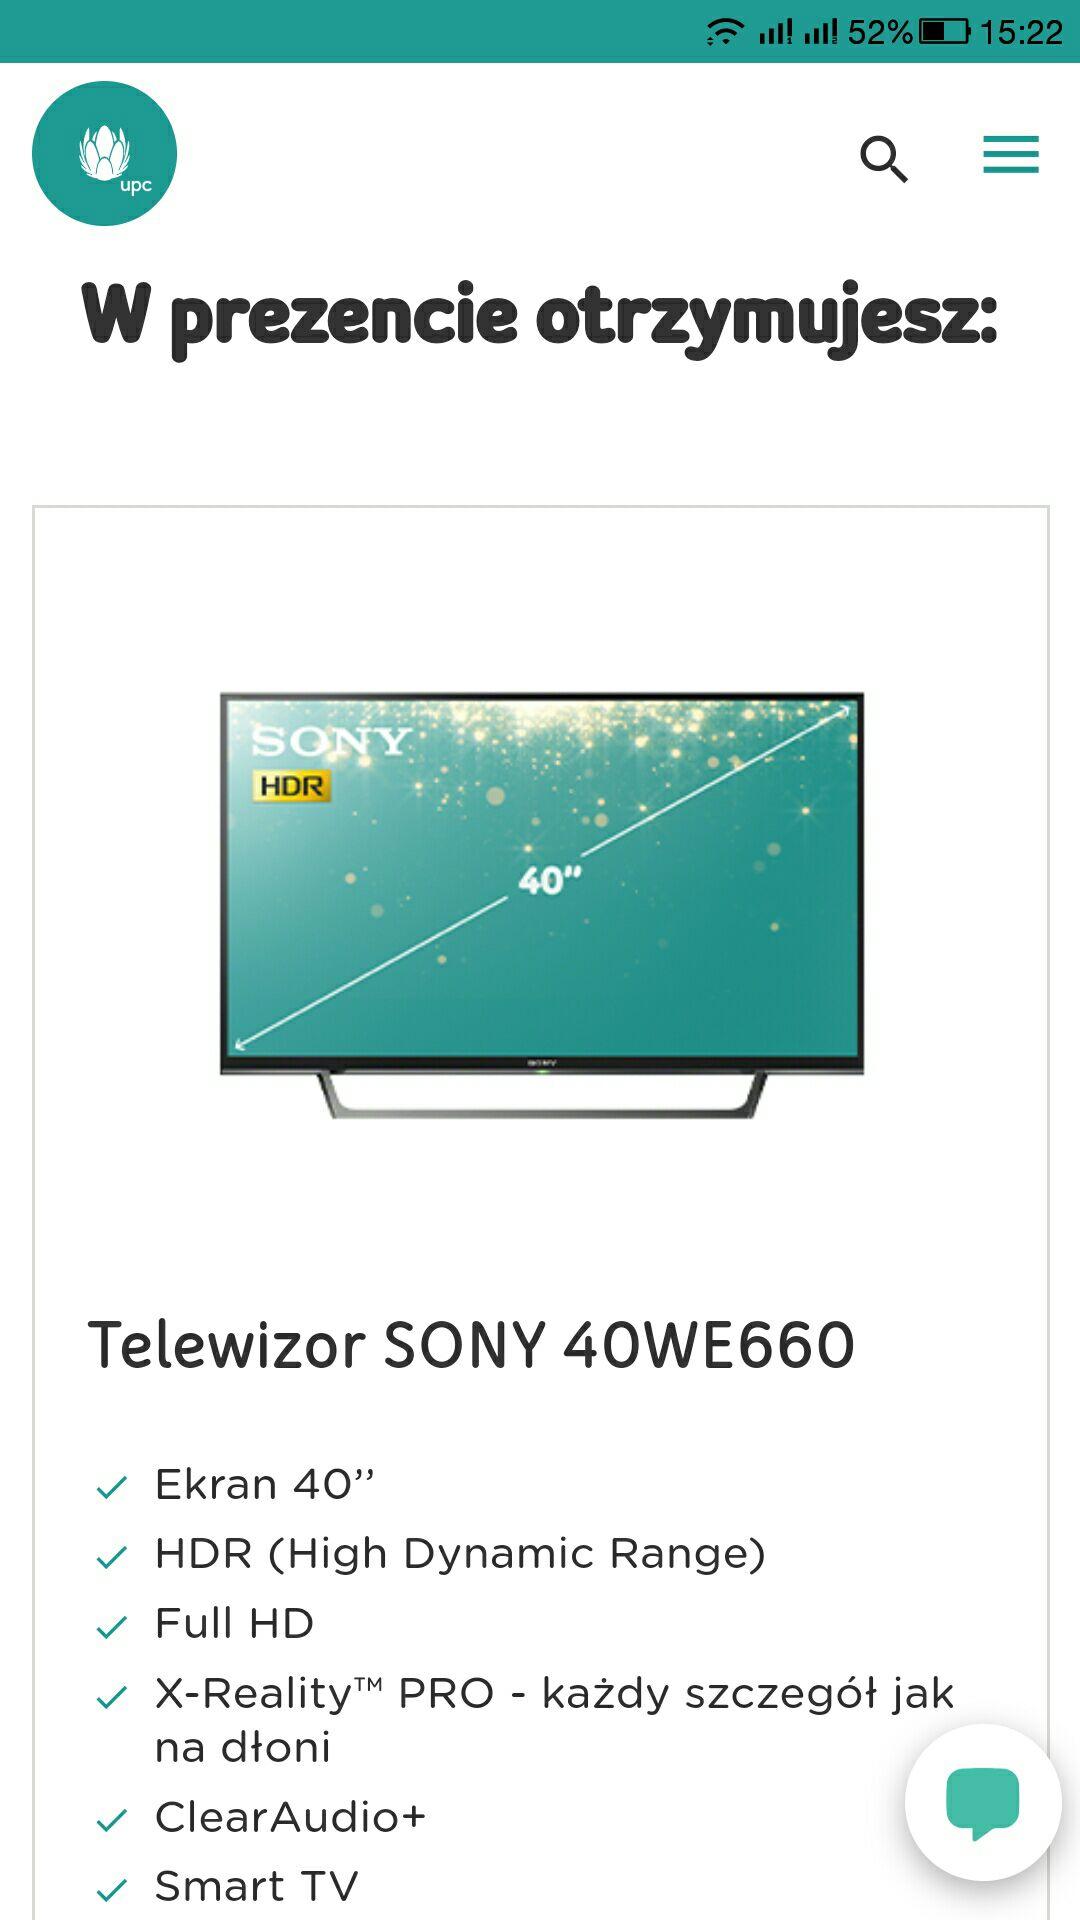 TV SONY 40WE660 gratis za podpisanie umowy w UPC